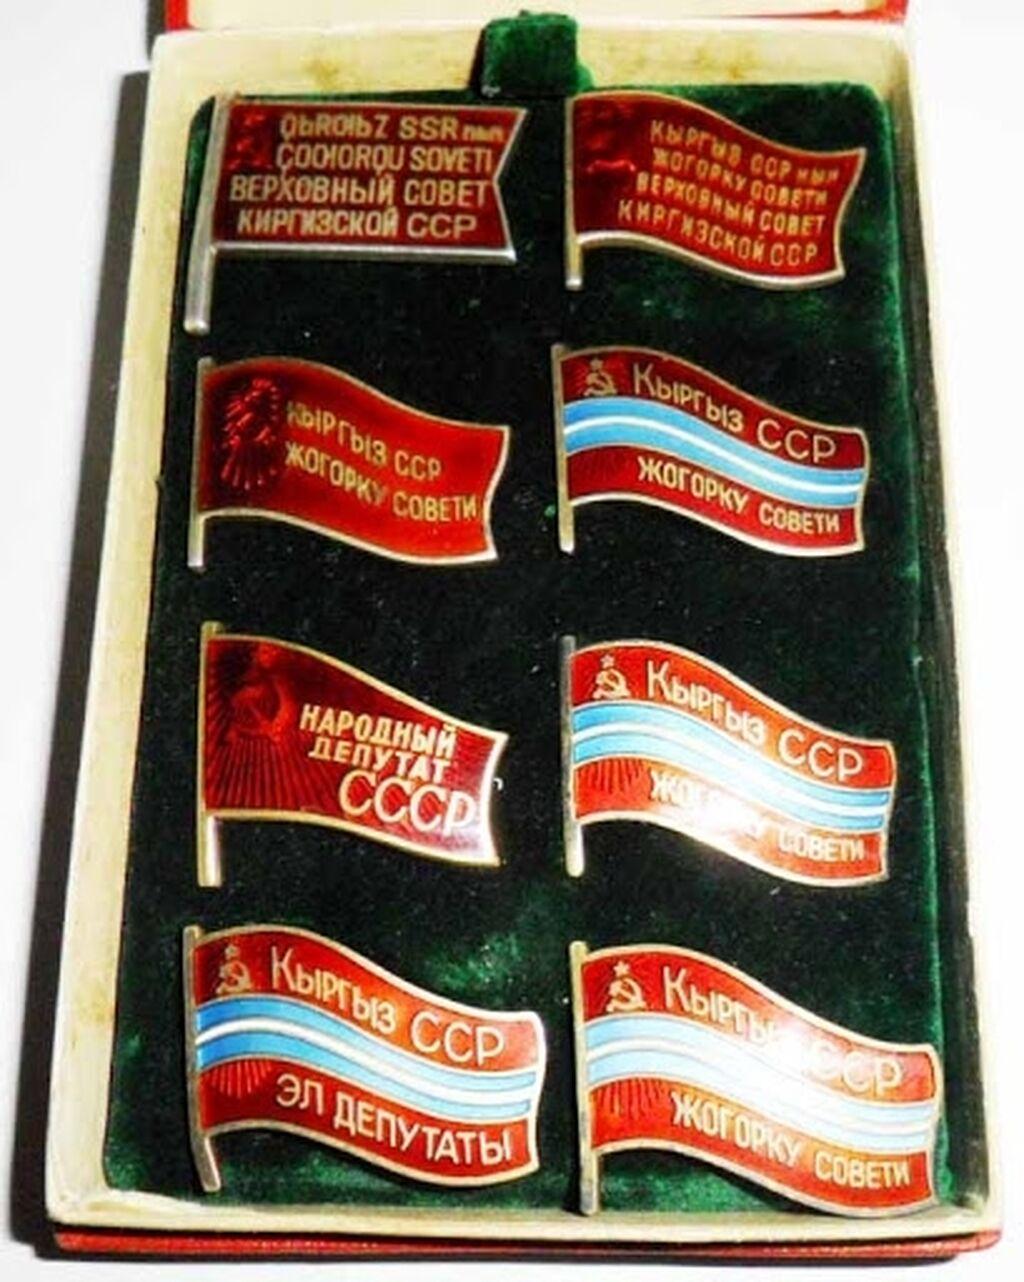 Куплю значки и знаки СССР в тяжелом металле: Куплю значки и знаки СССР в тяжелом металле